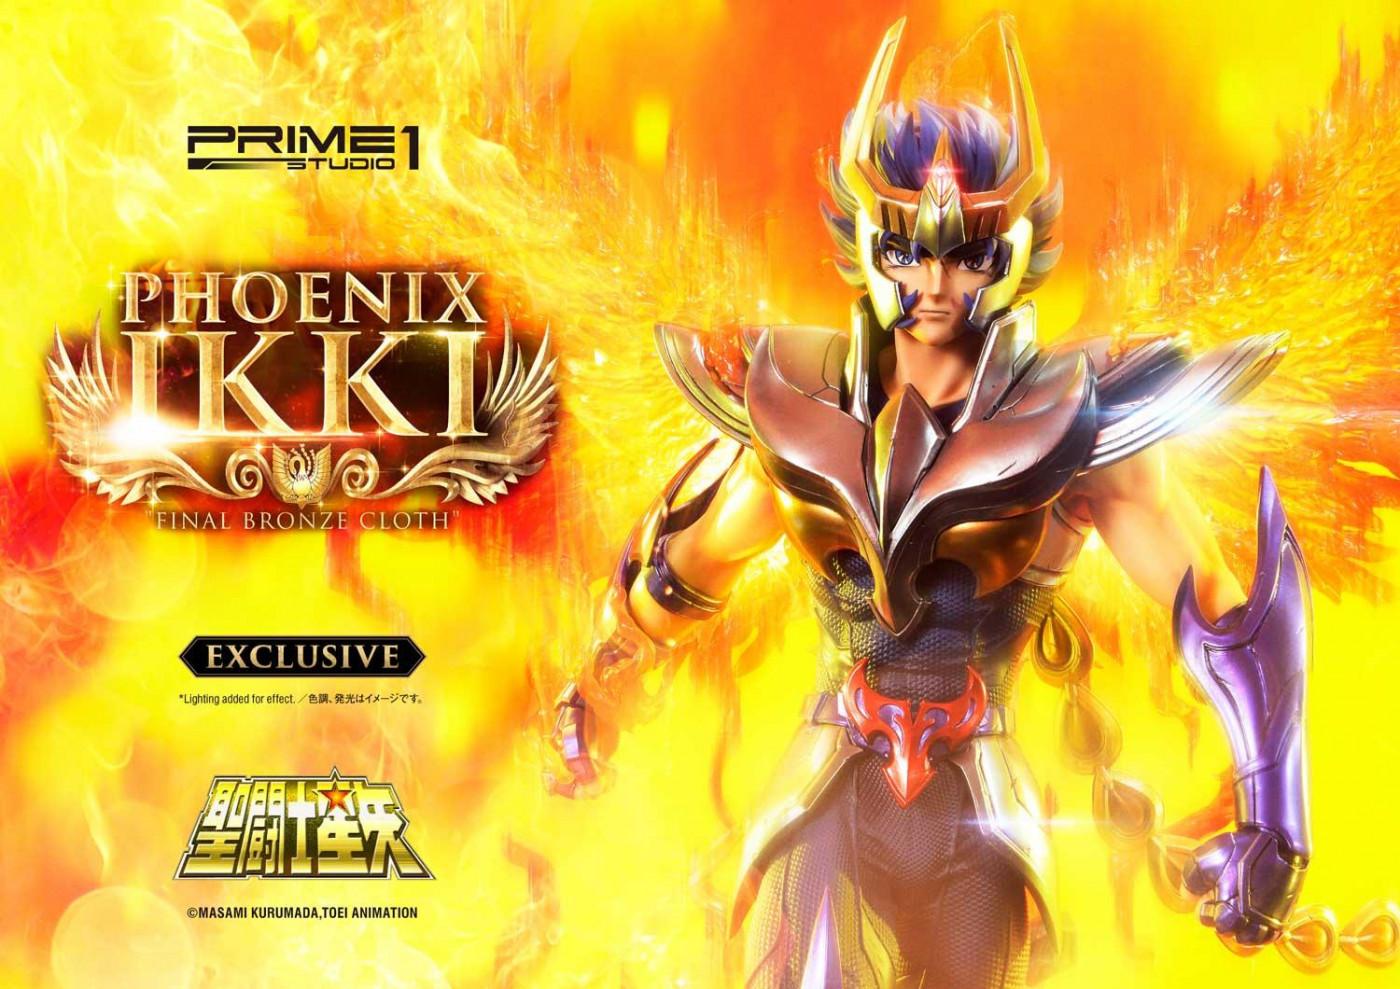 プレミアムマスターライン 聖闘士星矢 フェニックス一輝(最終青銅聖衣) EX版